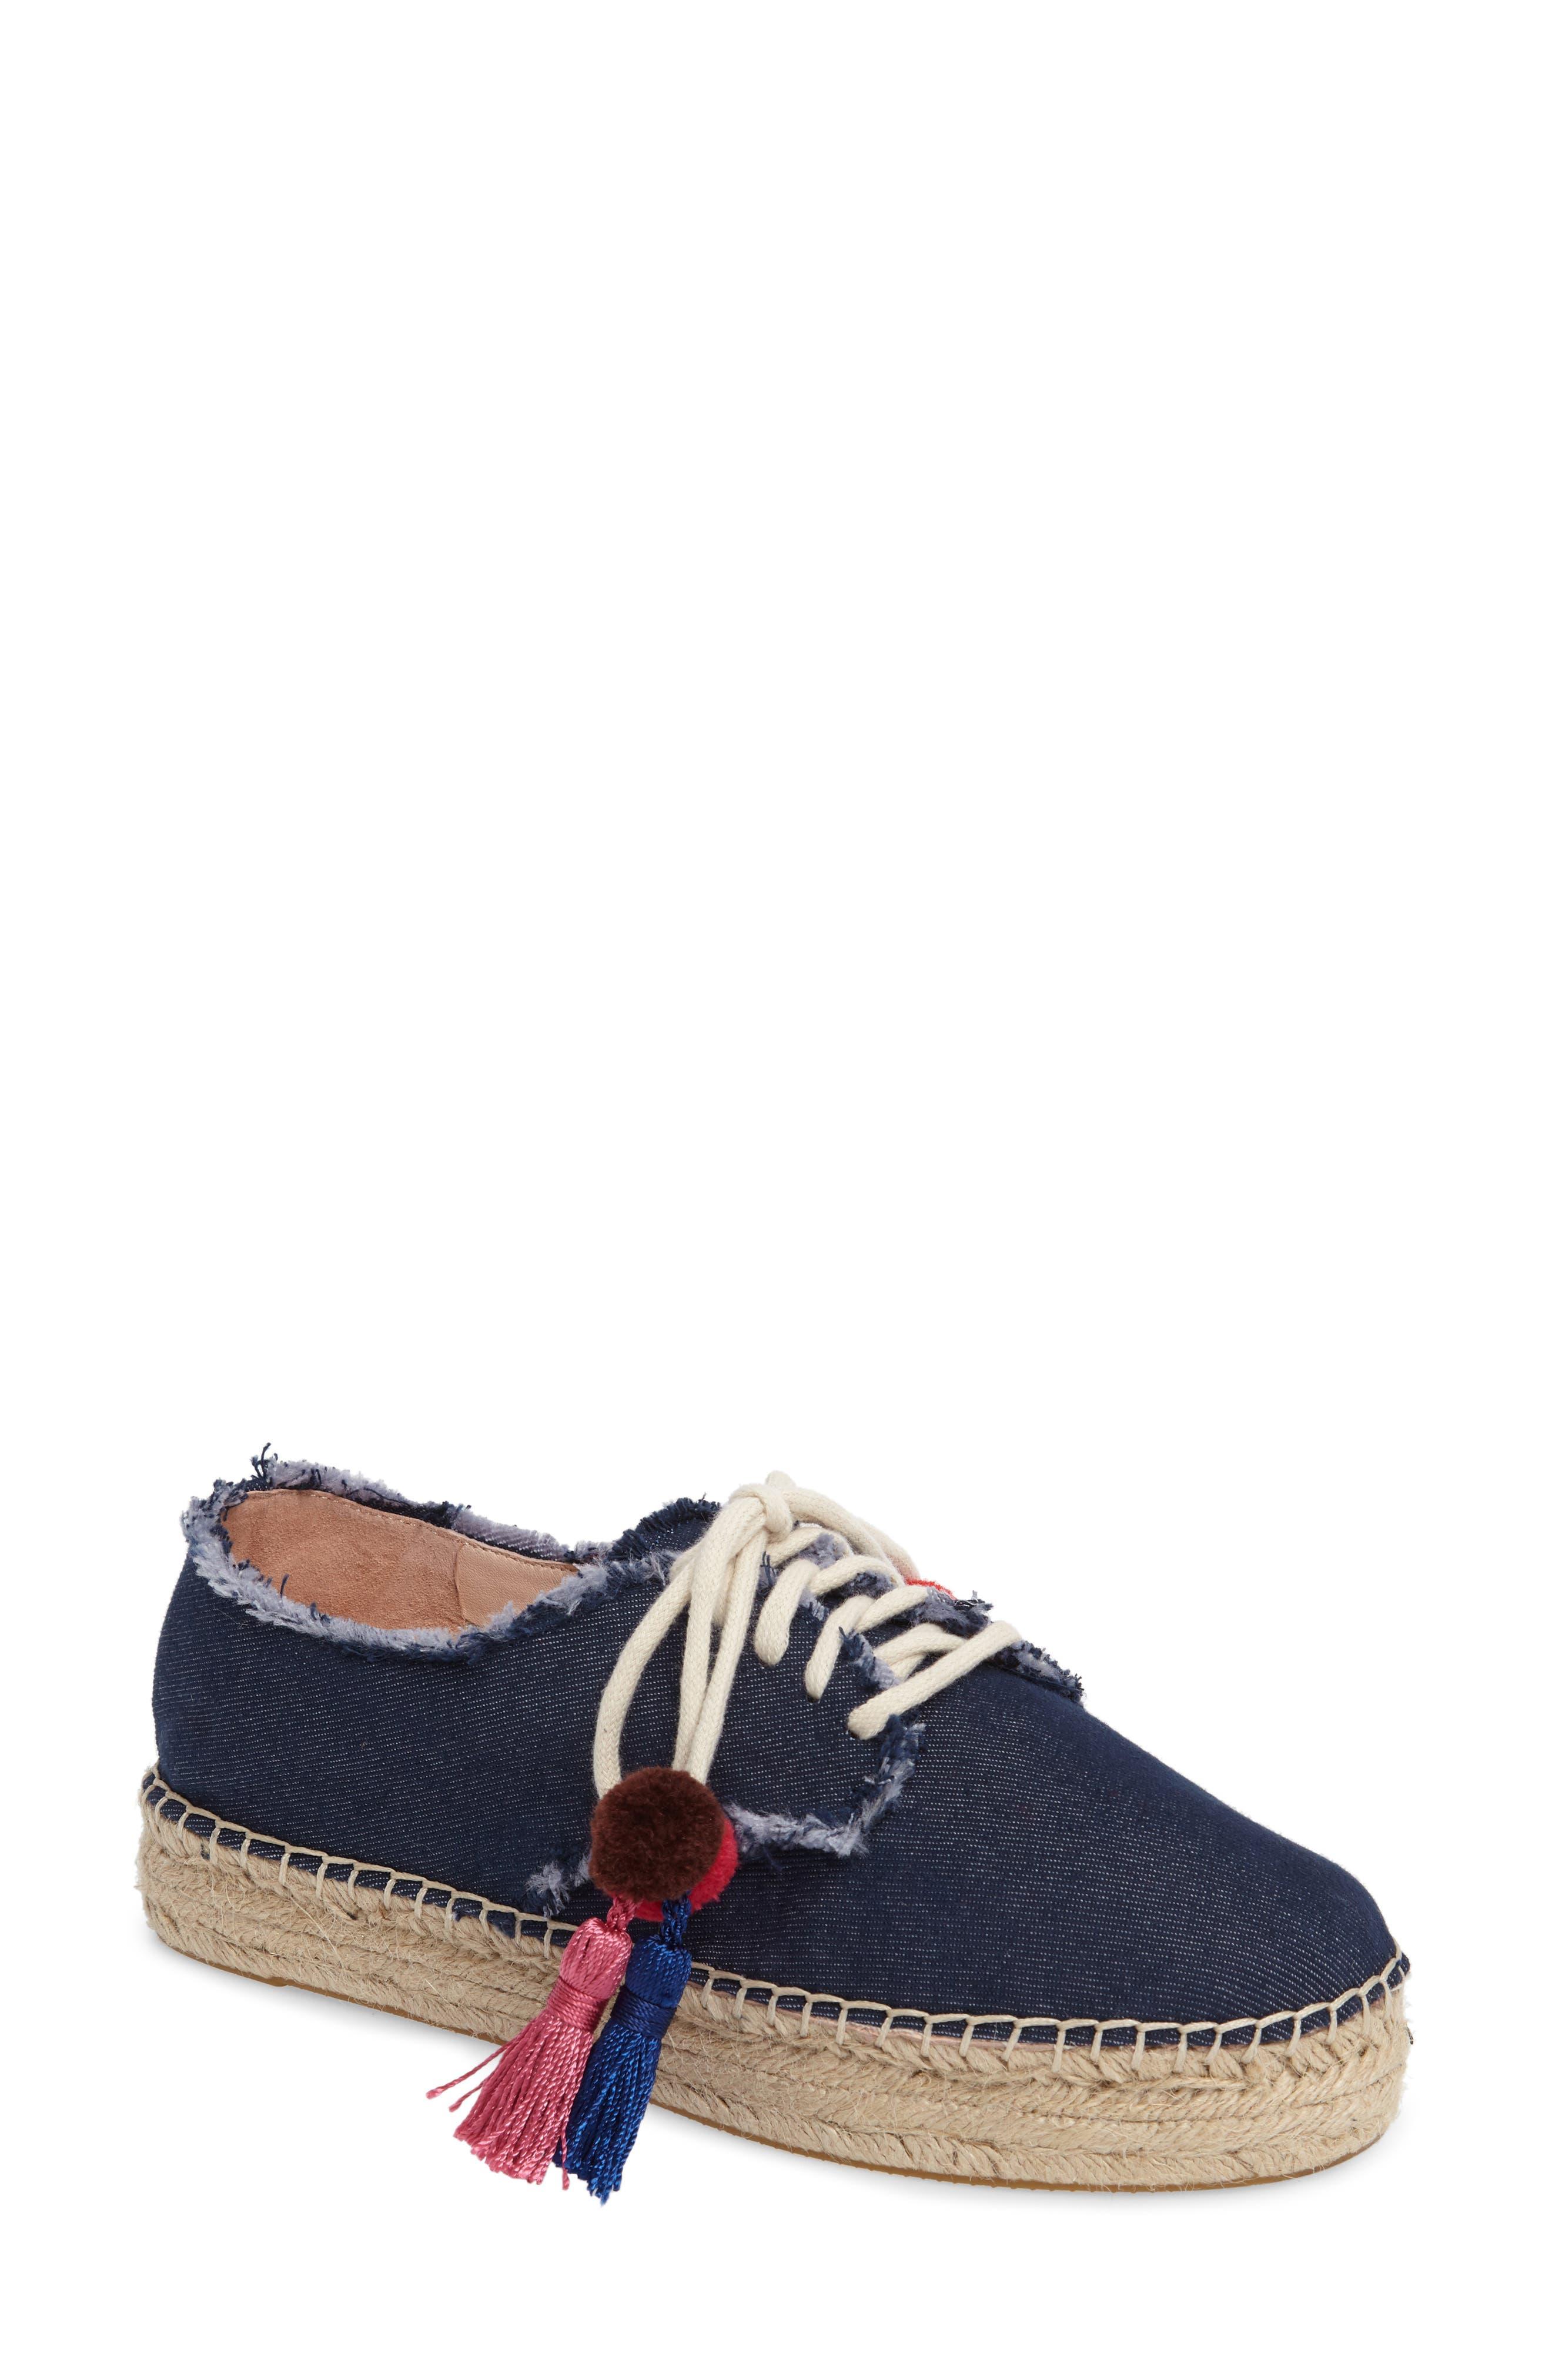 kate spade new york lane espadrille platform sneaker (Women)